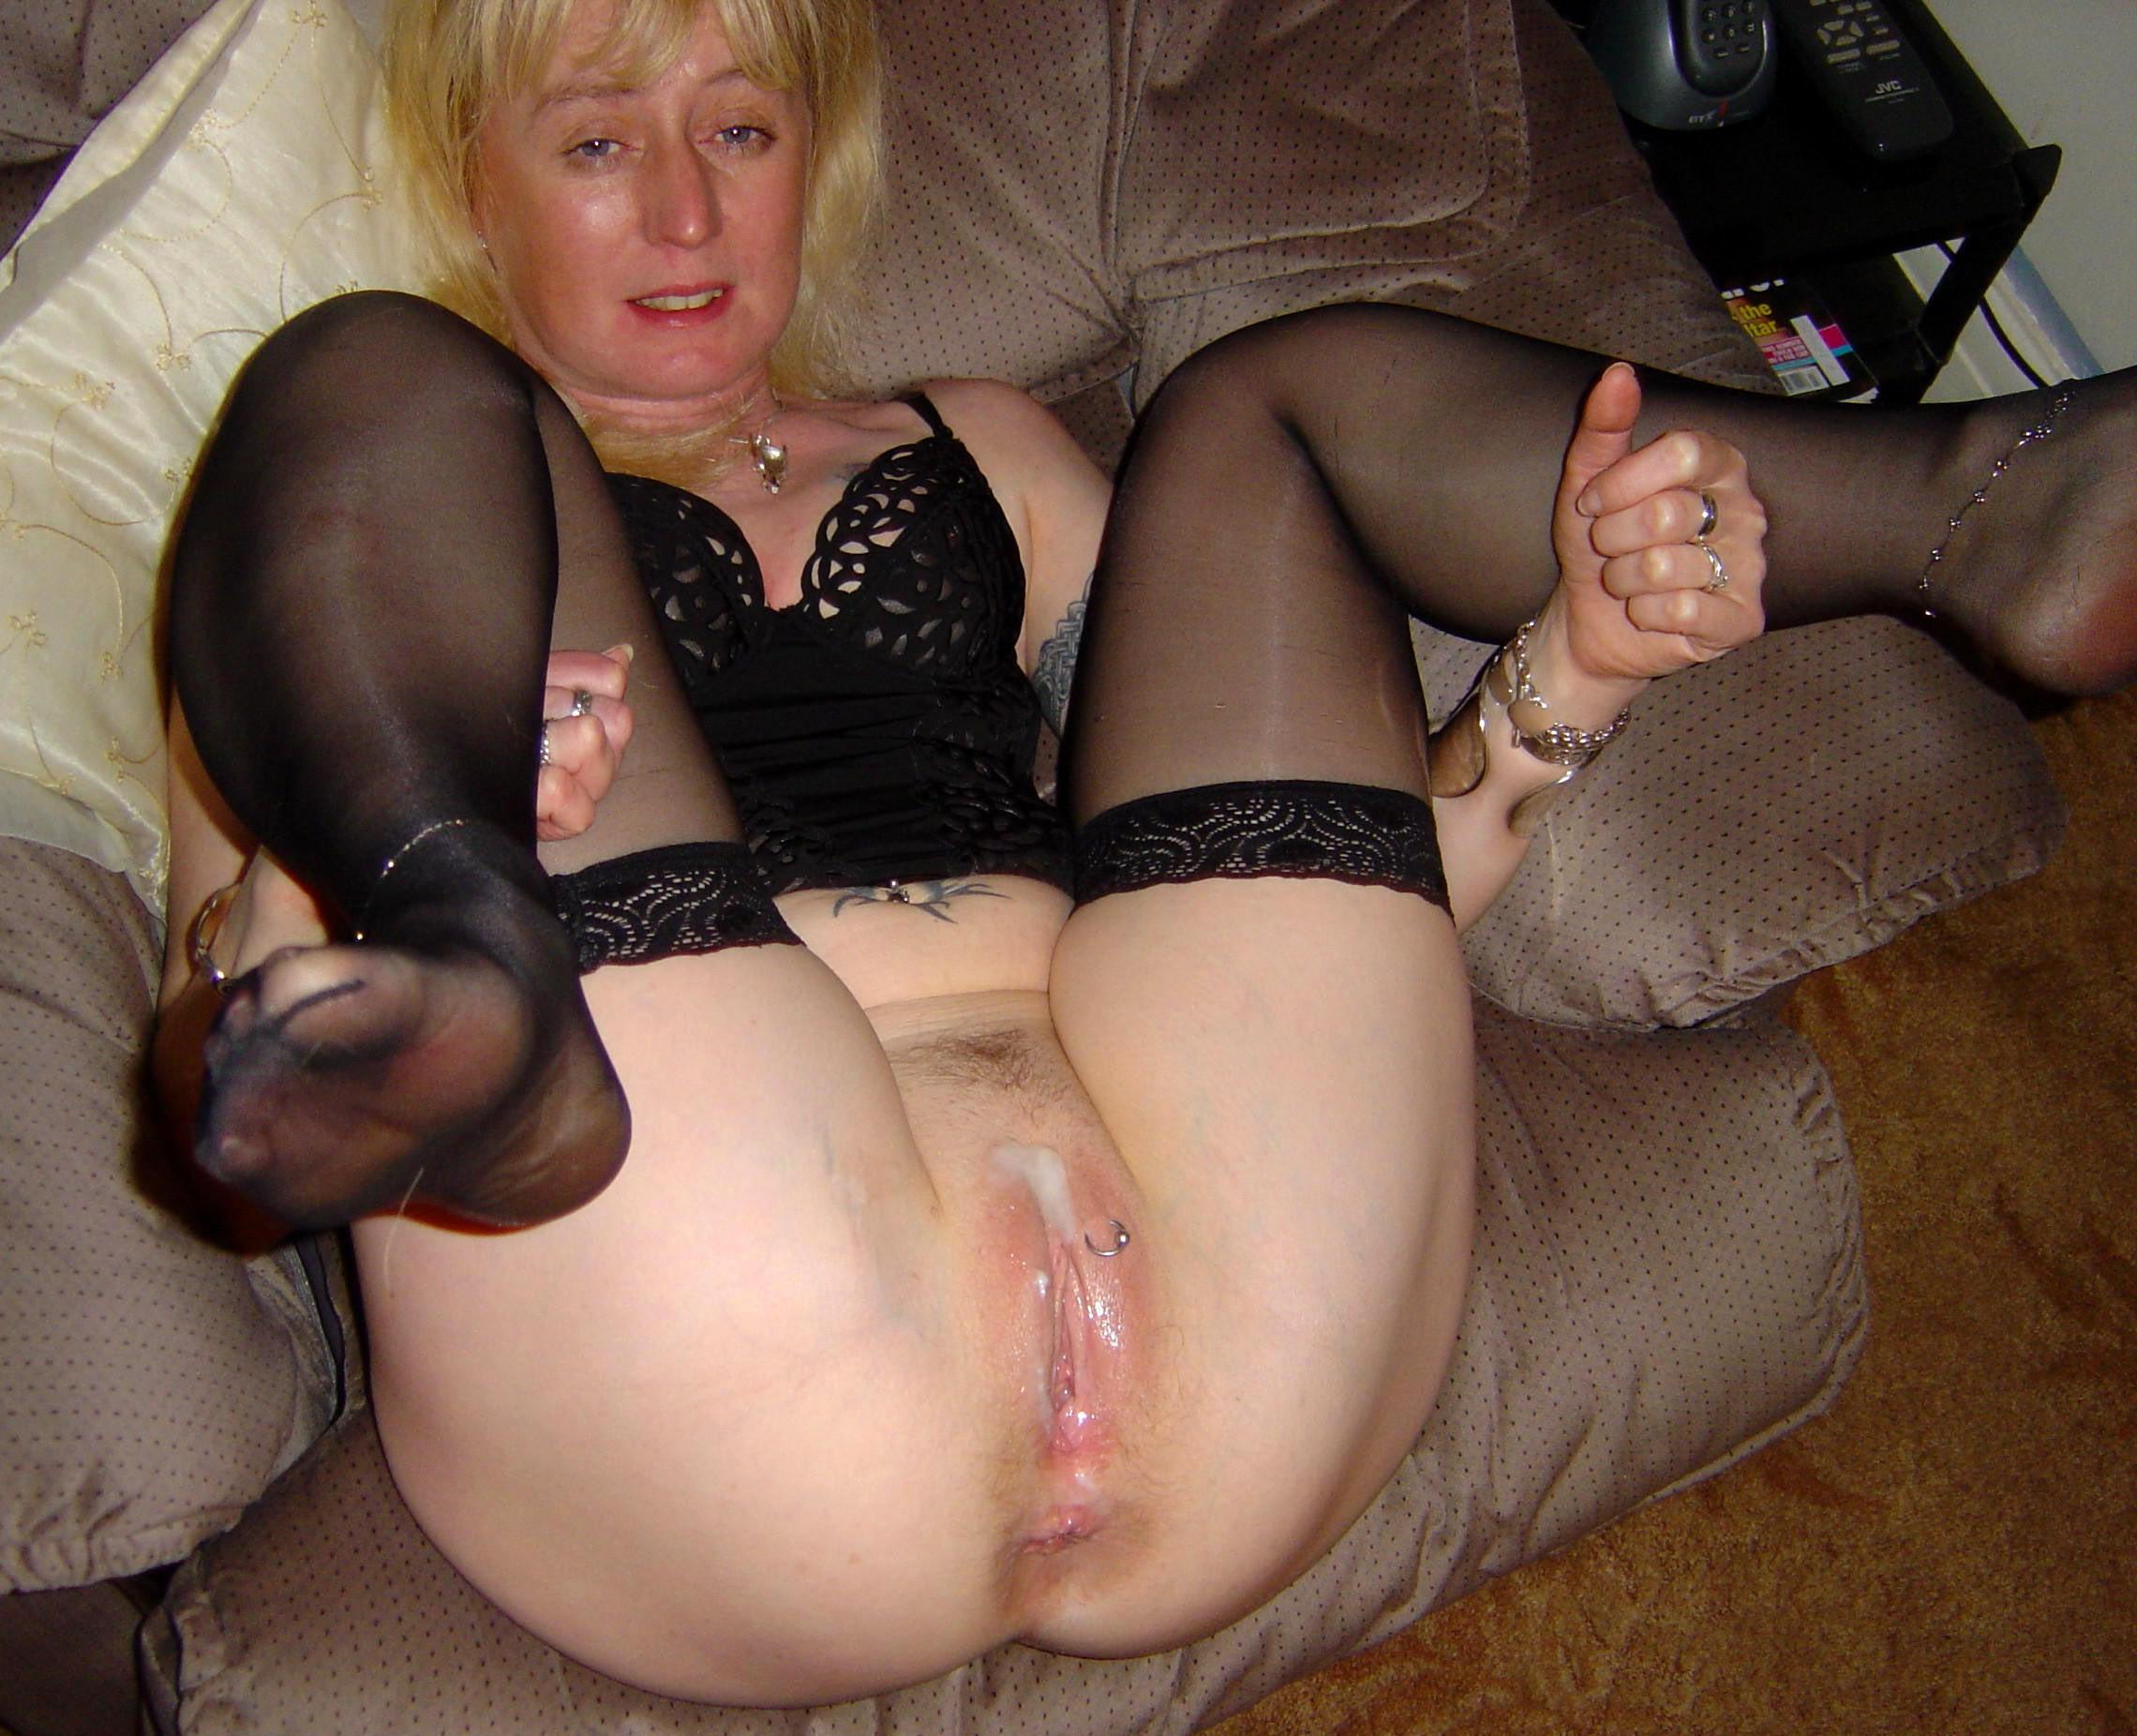 Porn Motherrless motherless anal xxx - megapornx